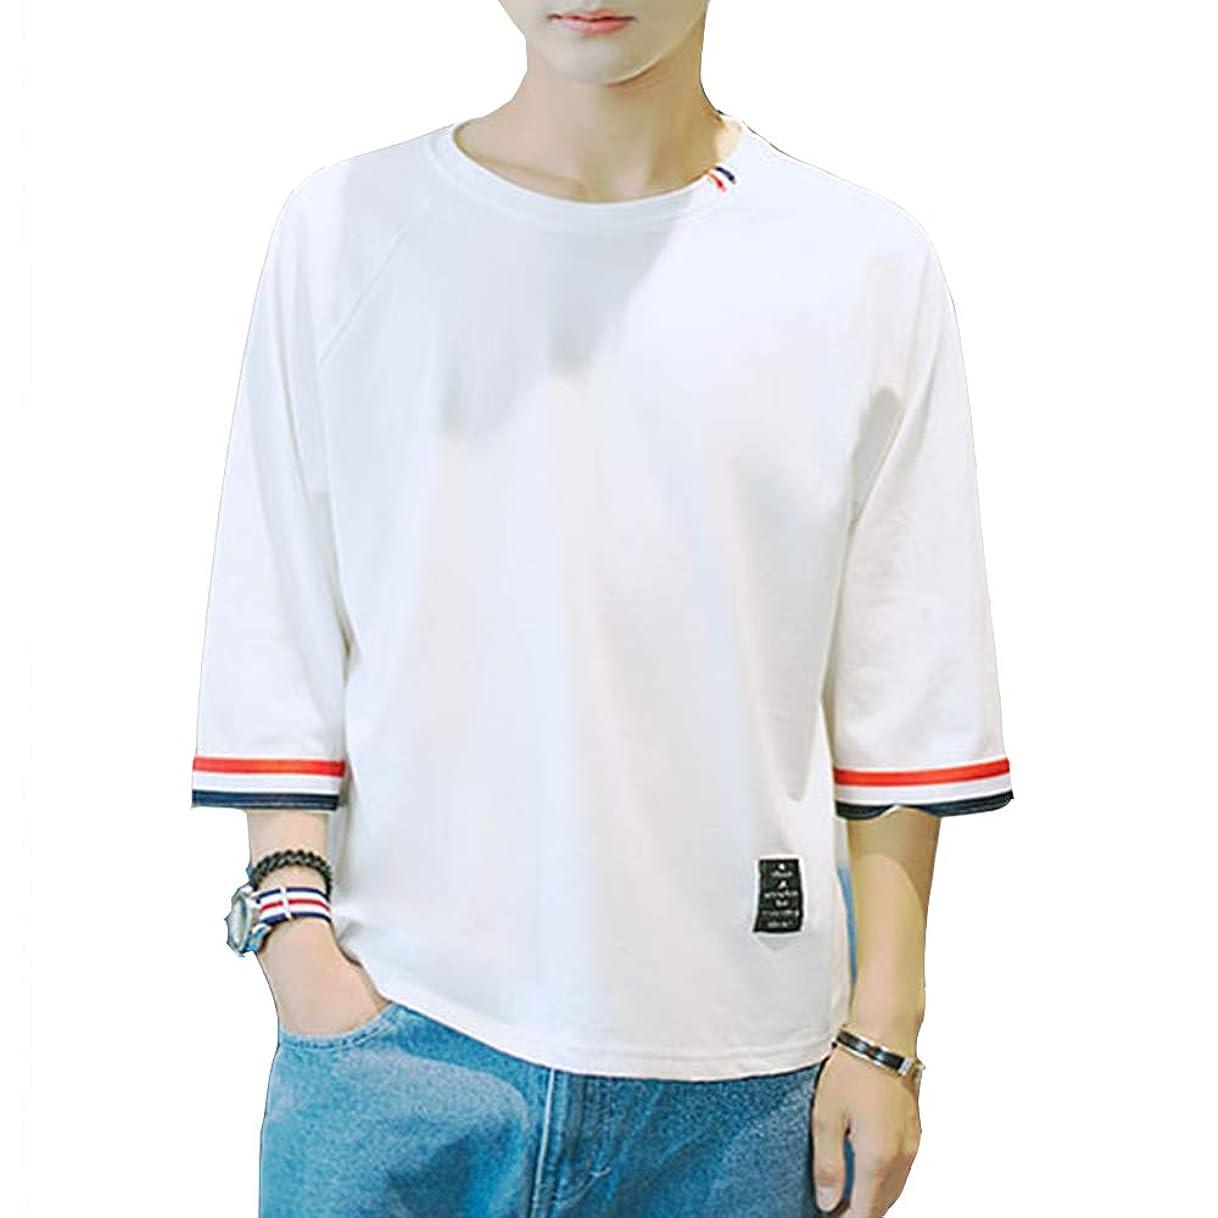 こしょう情報日の出夏服 メンズ Tシャツ 半袖 Tシャツ 五分袖 七分袖 カジュアル ゆったり 日常 快適 シンプル カットソー 吸汗速乾 軽い 柔らかいトップス 大きいサイズ カジュアル 夏季対応